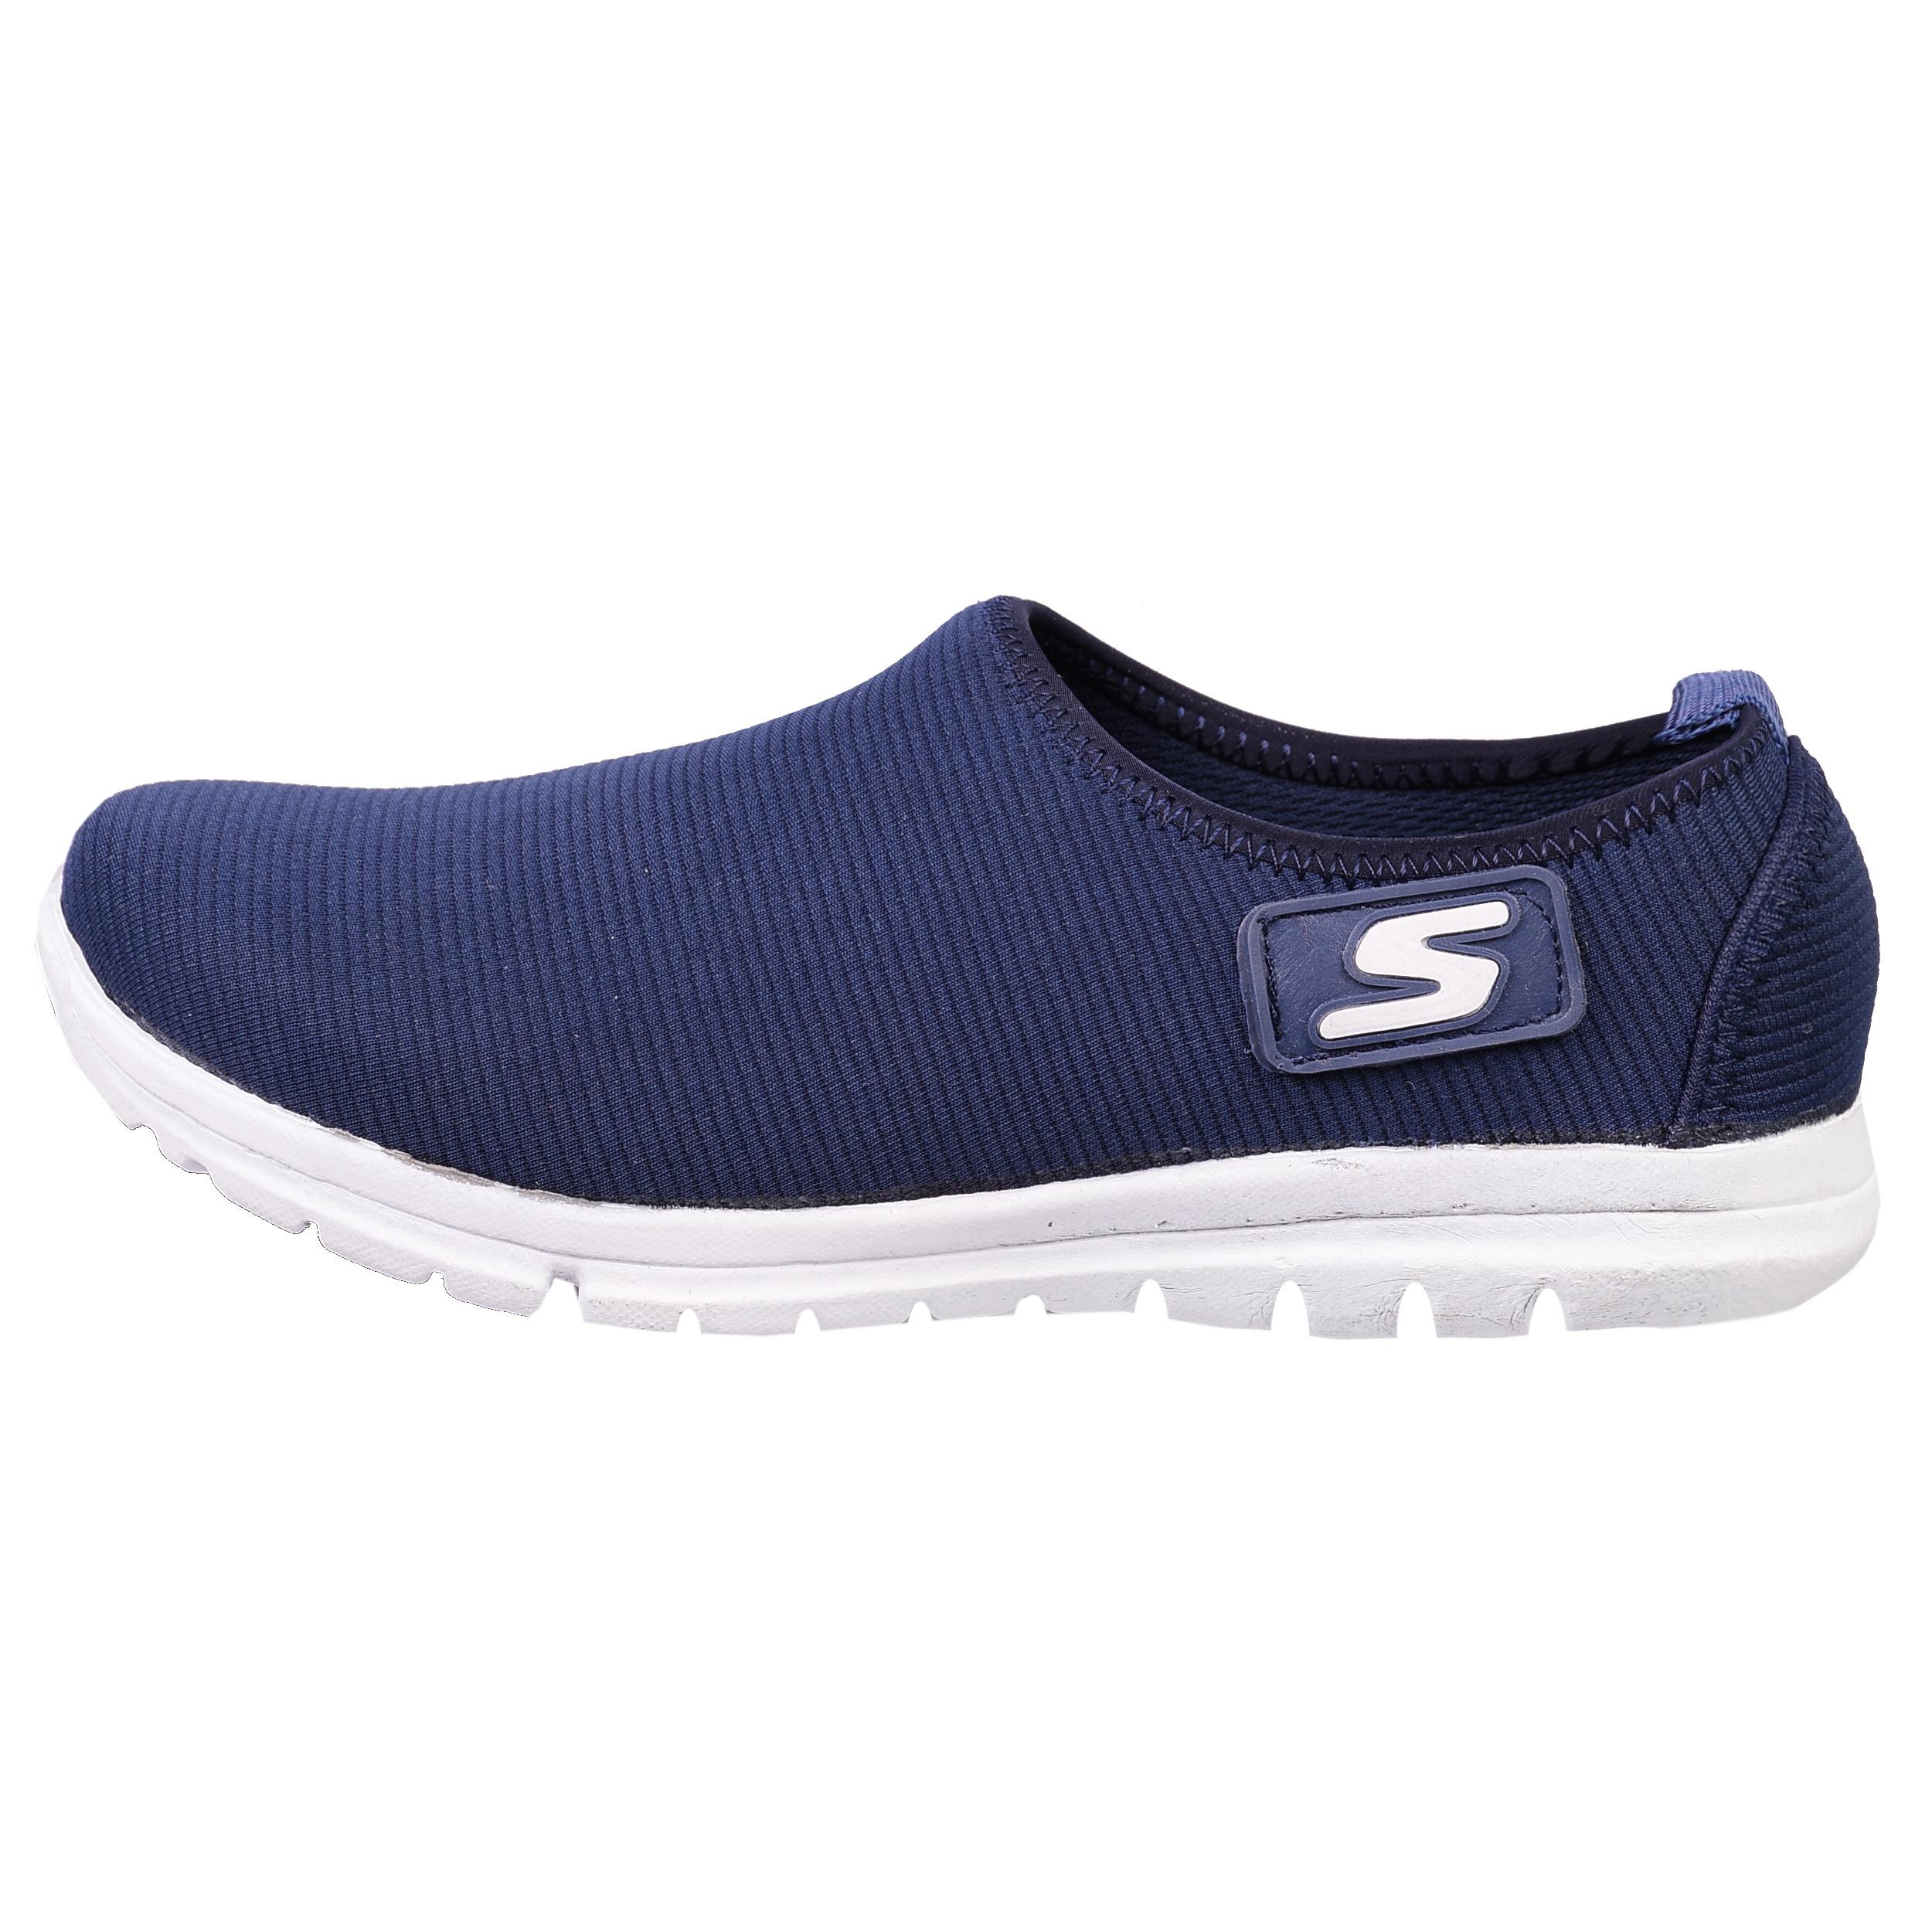 کفش مخصوص پیاده روی زنانه مدل آلفا کد 2371 رنگ سرمه ای